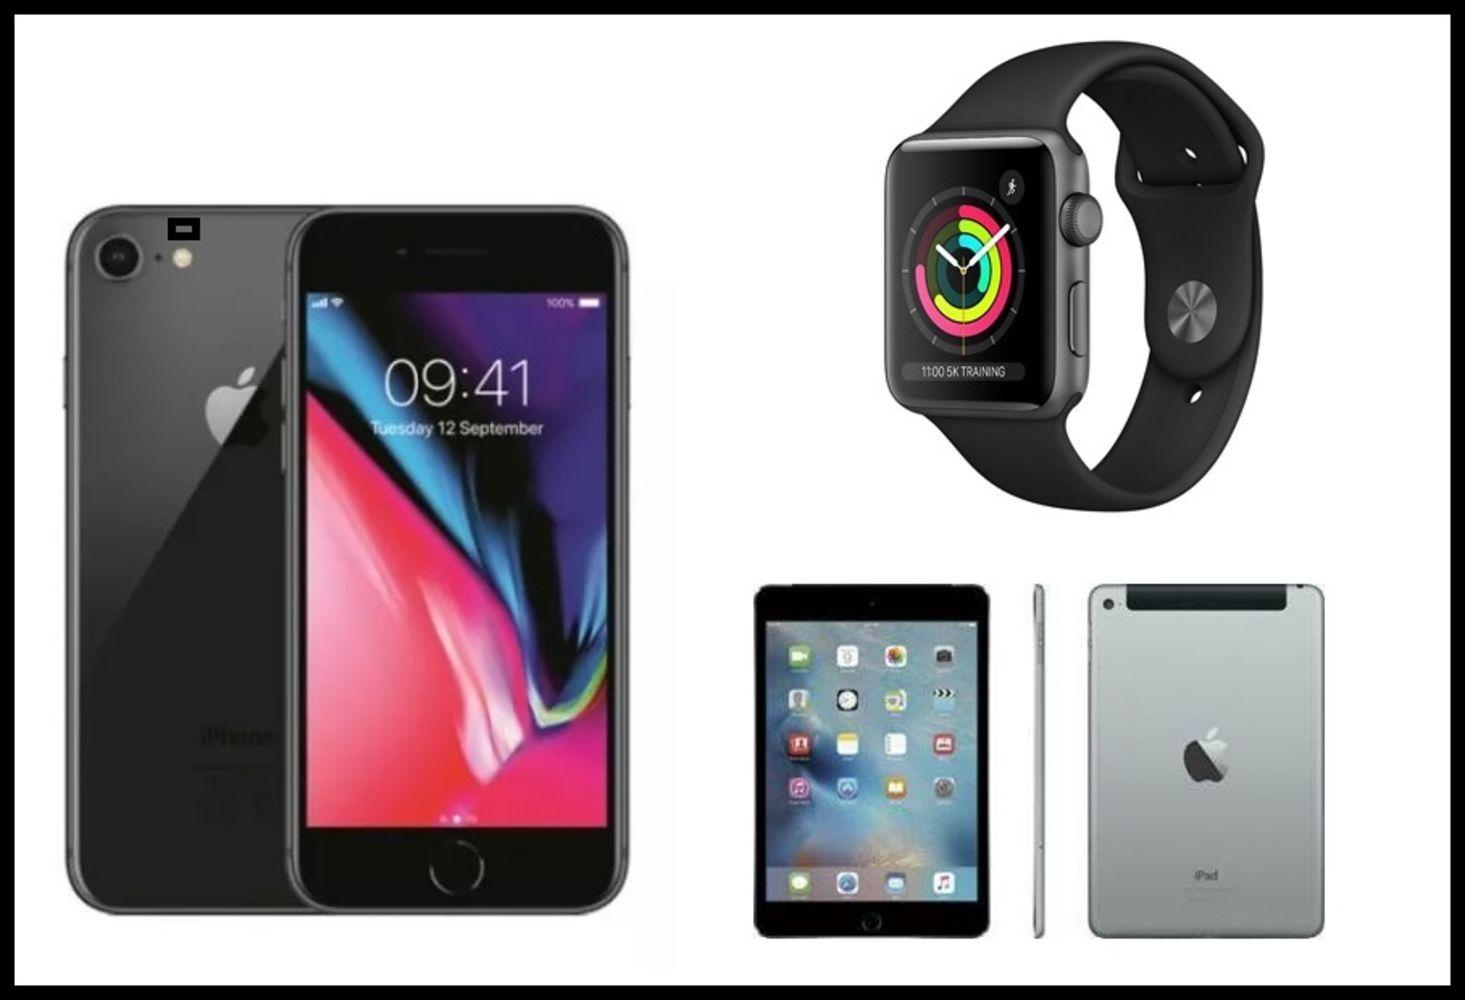 Huge Apple iPad and iPhone Clearance - iPad 2, iPad 3, iPad 4, iPad 5, iPad 6, iPad Mini 1 and 2. iPhone 8 64gb